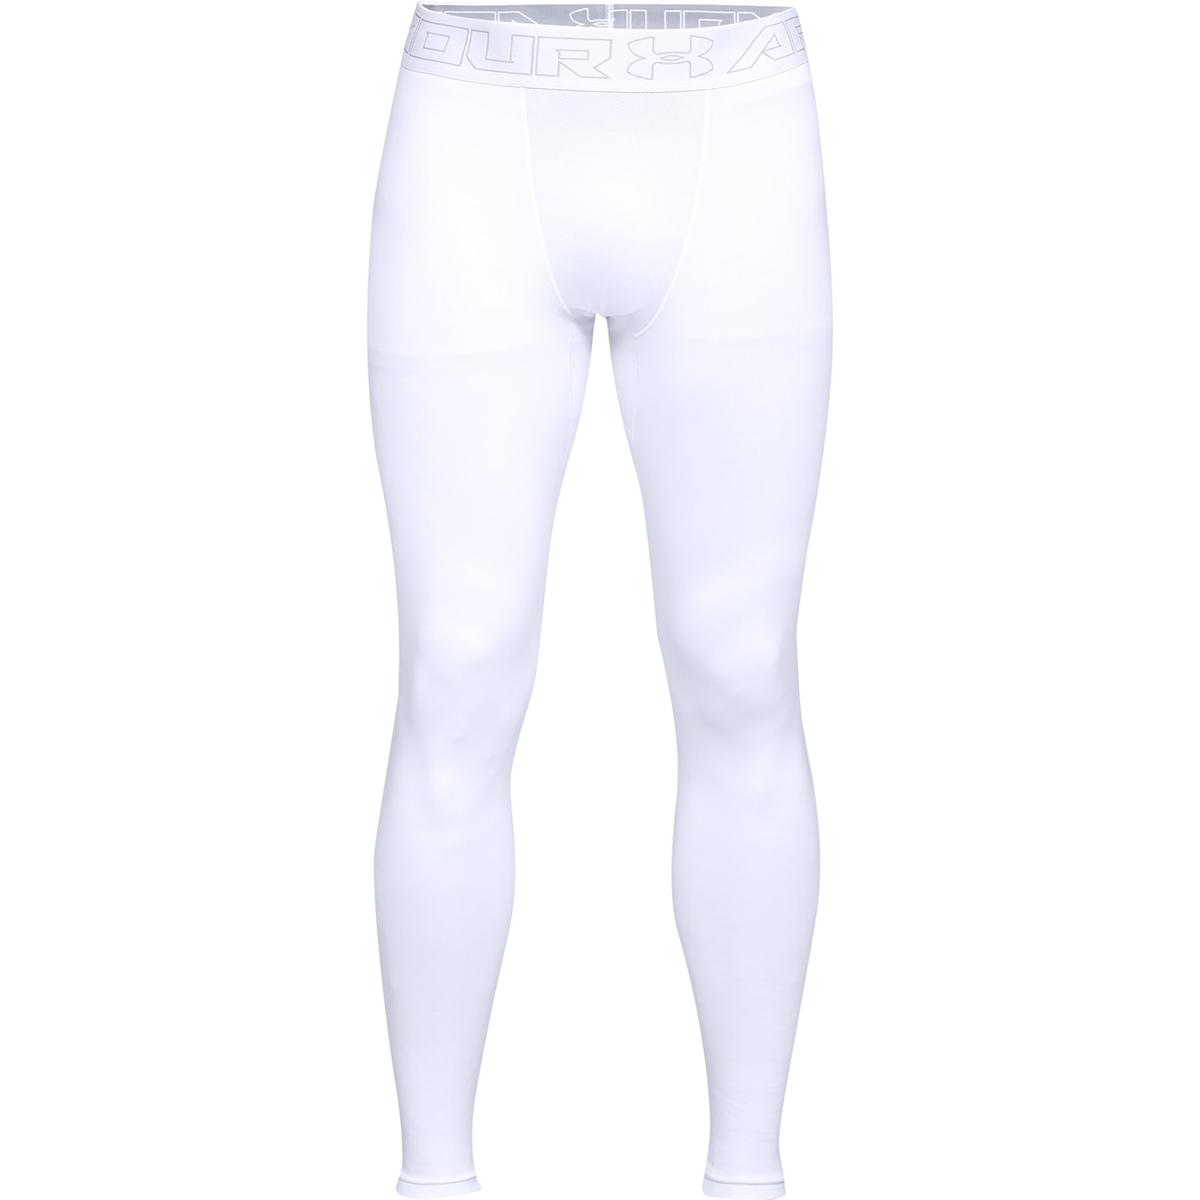 Under Armour Men's Coldgear Leggings - White, S